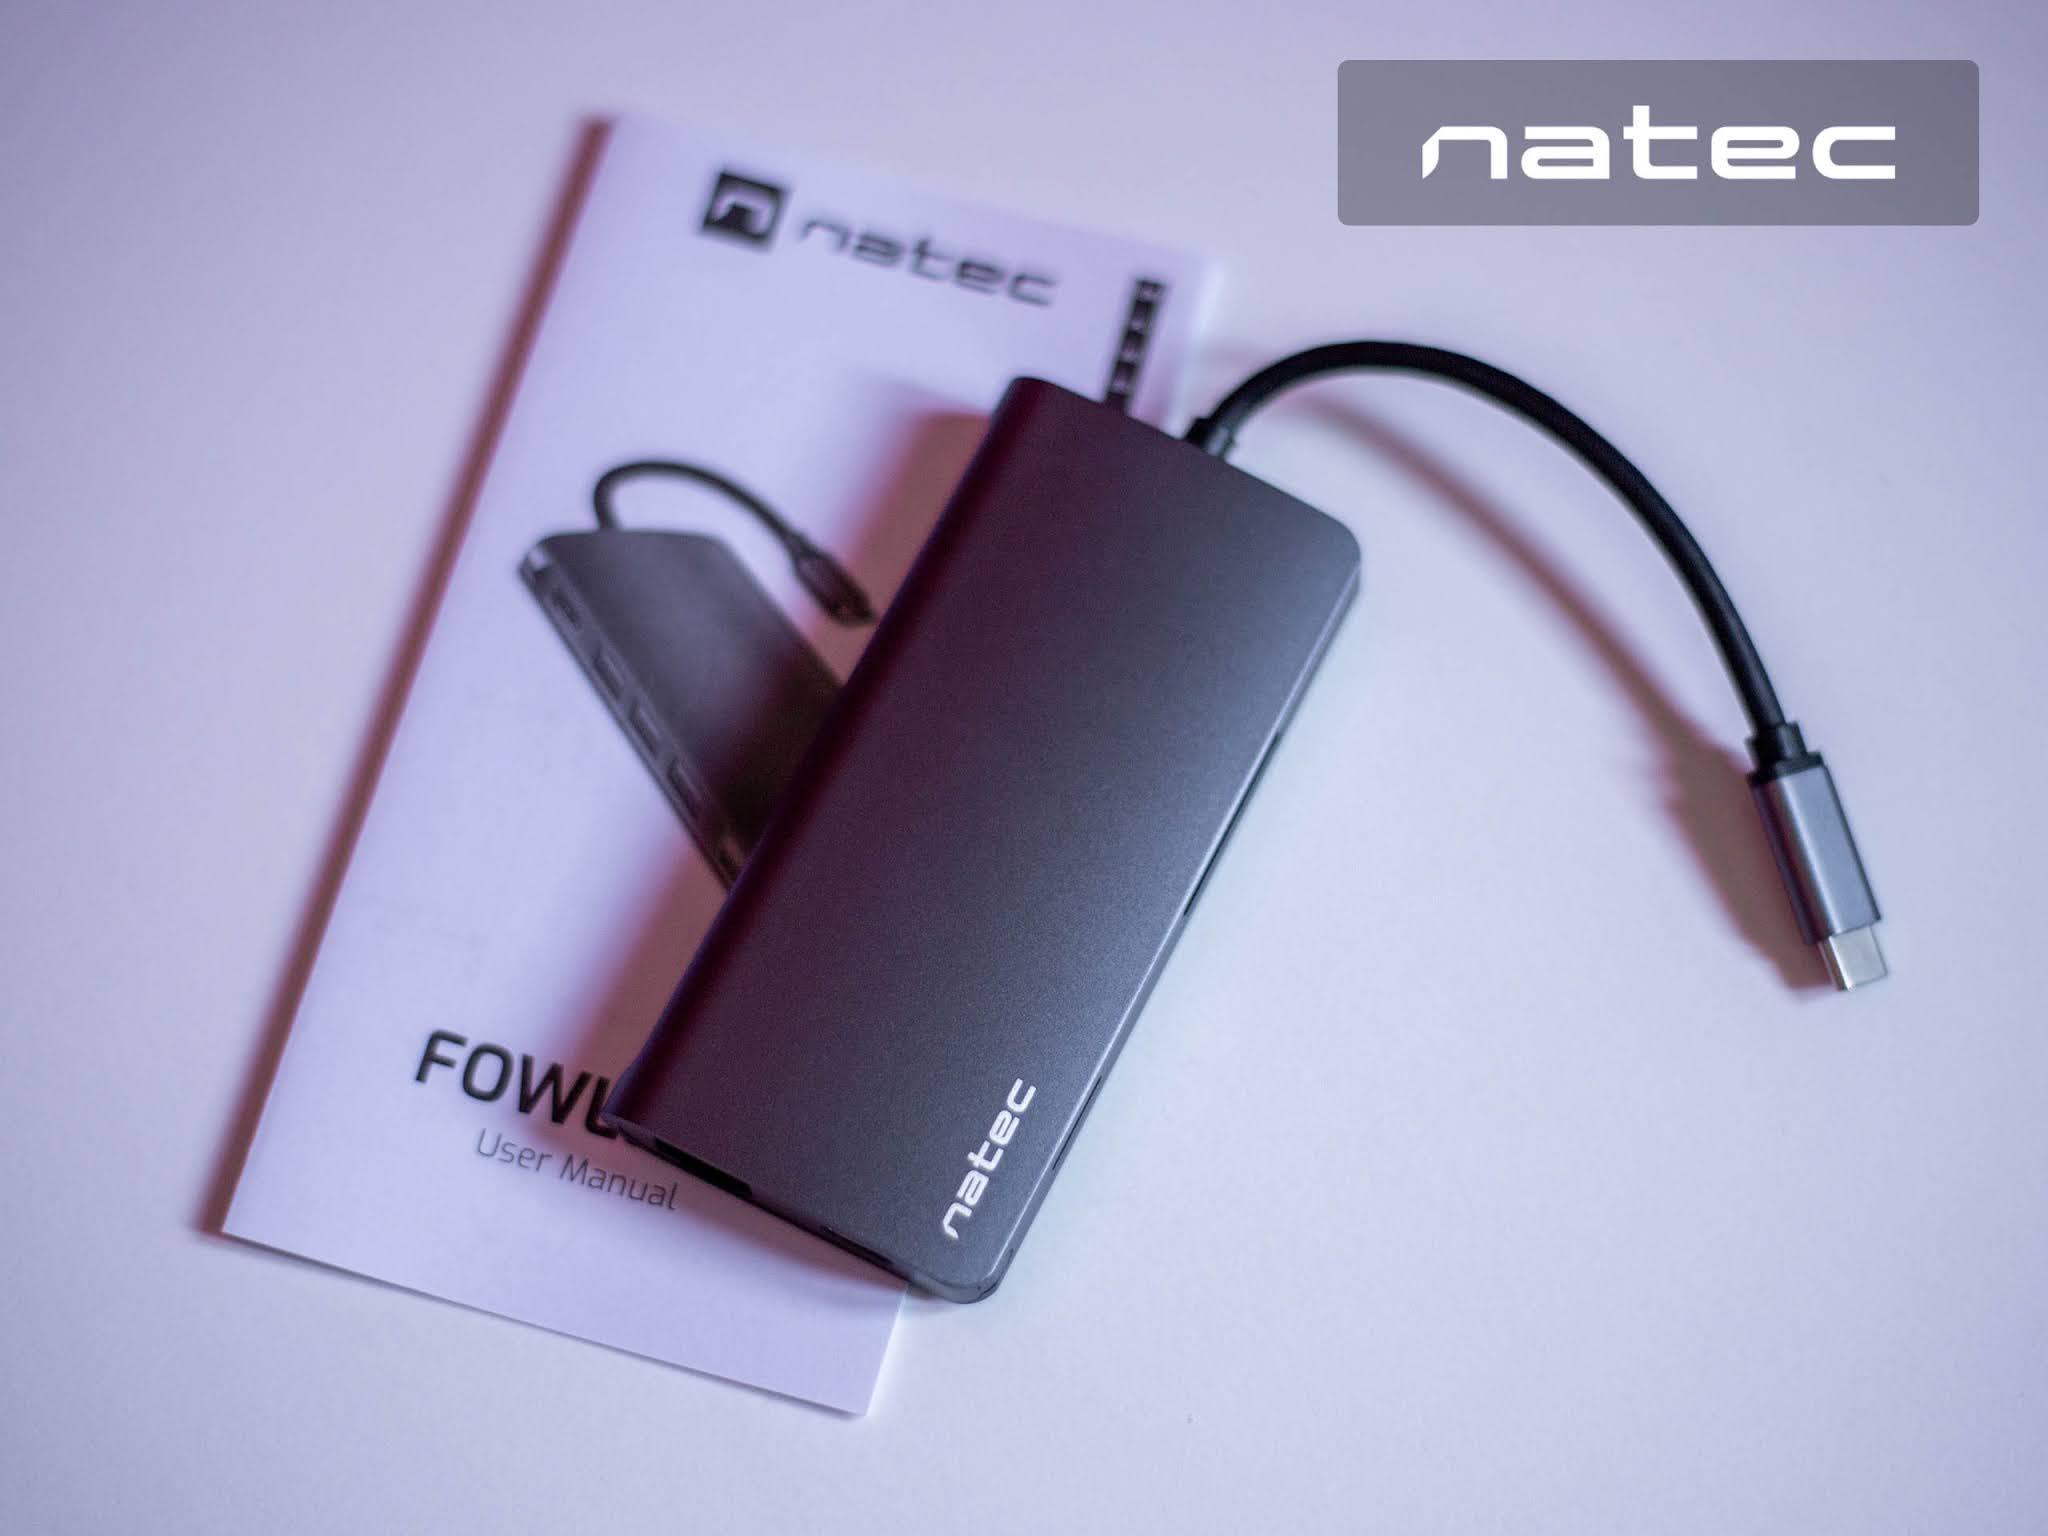 Natec Fowler 2 akcesoria